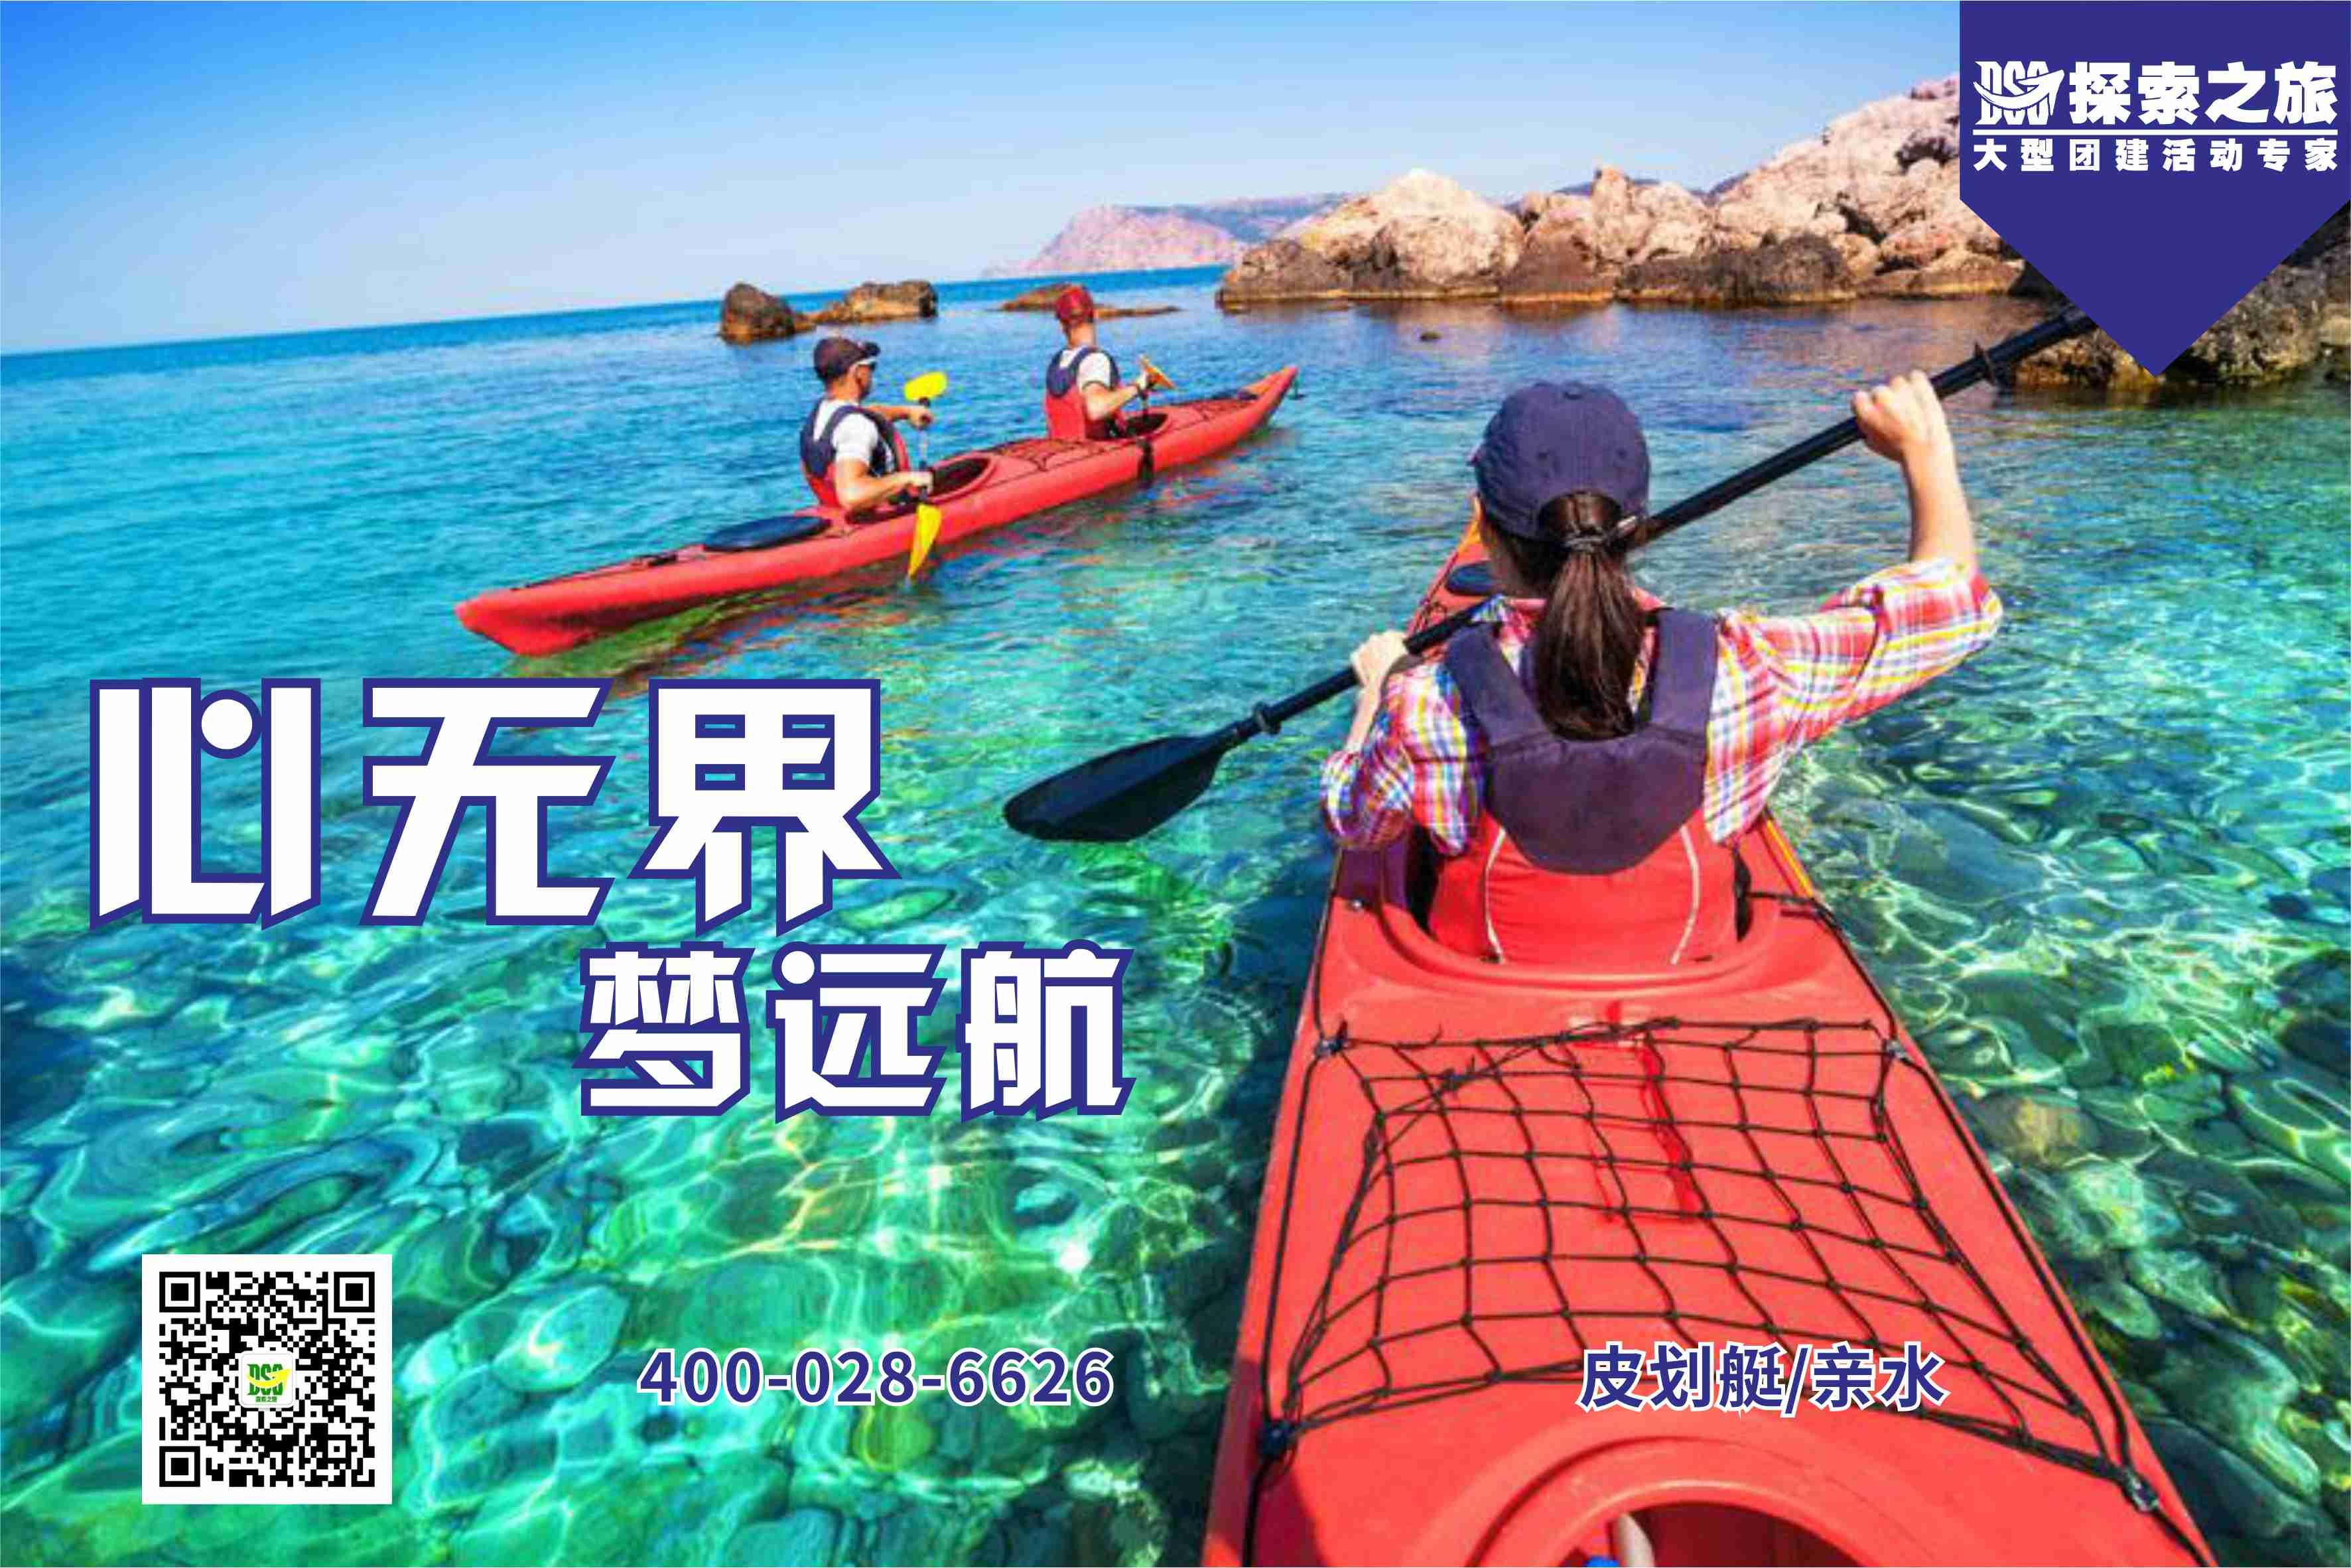 【水上适合项目】一日游皮划艇大赛游戏皮划艇玩的拓展图片